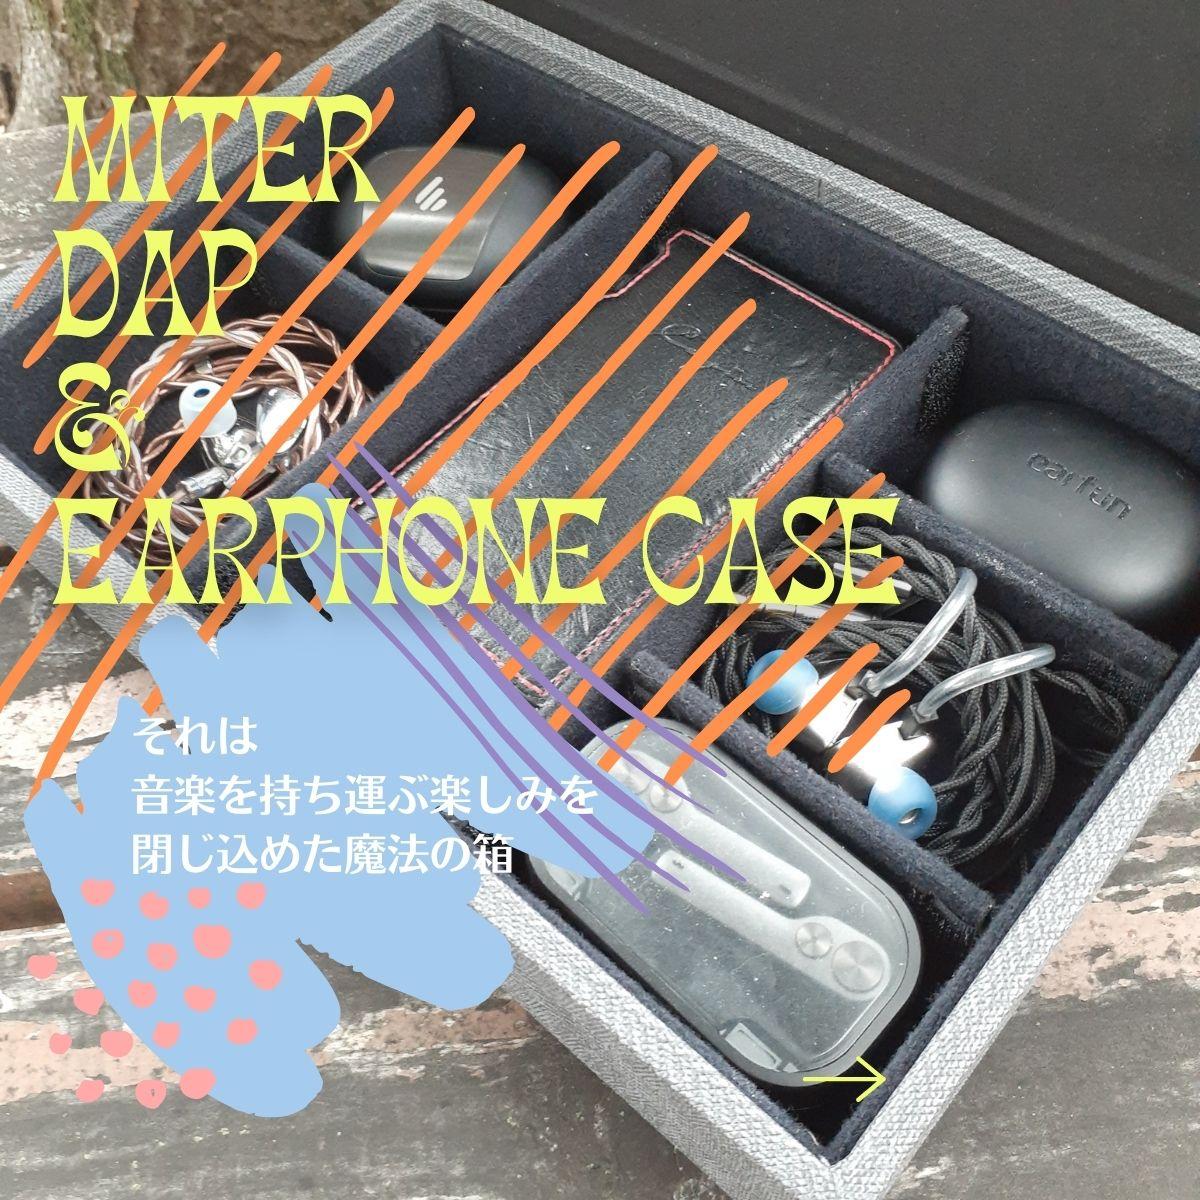 【特集】MITER DAP&イヤホンケース(6ポケットモデル):それは音楽を持ち運ぶ楽しみを閉じ込めた魔法の箱